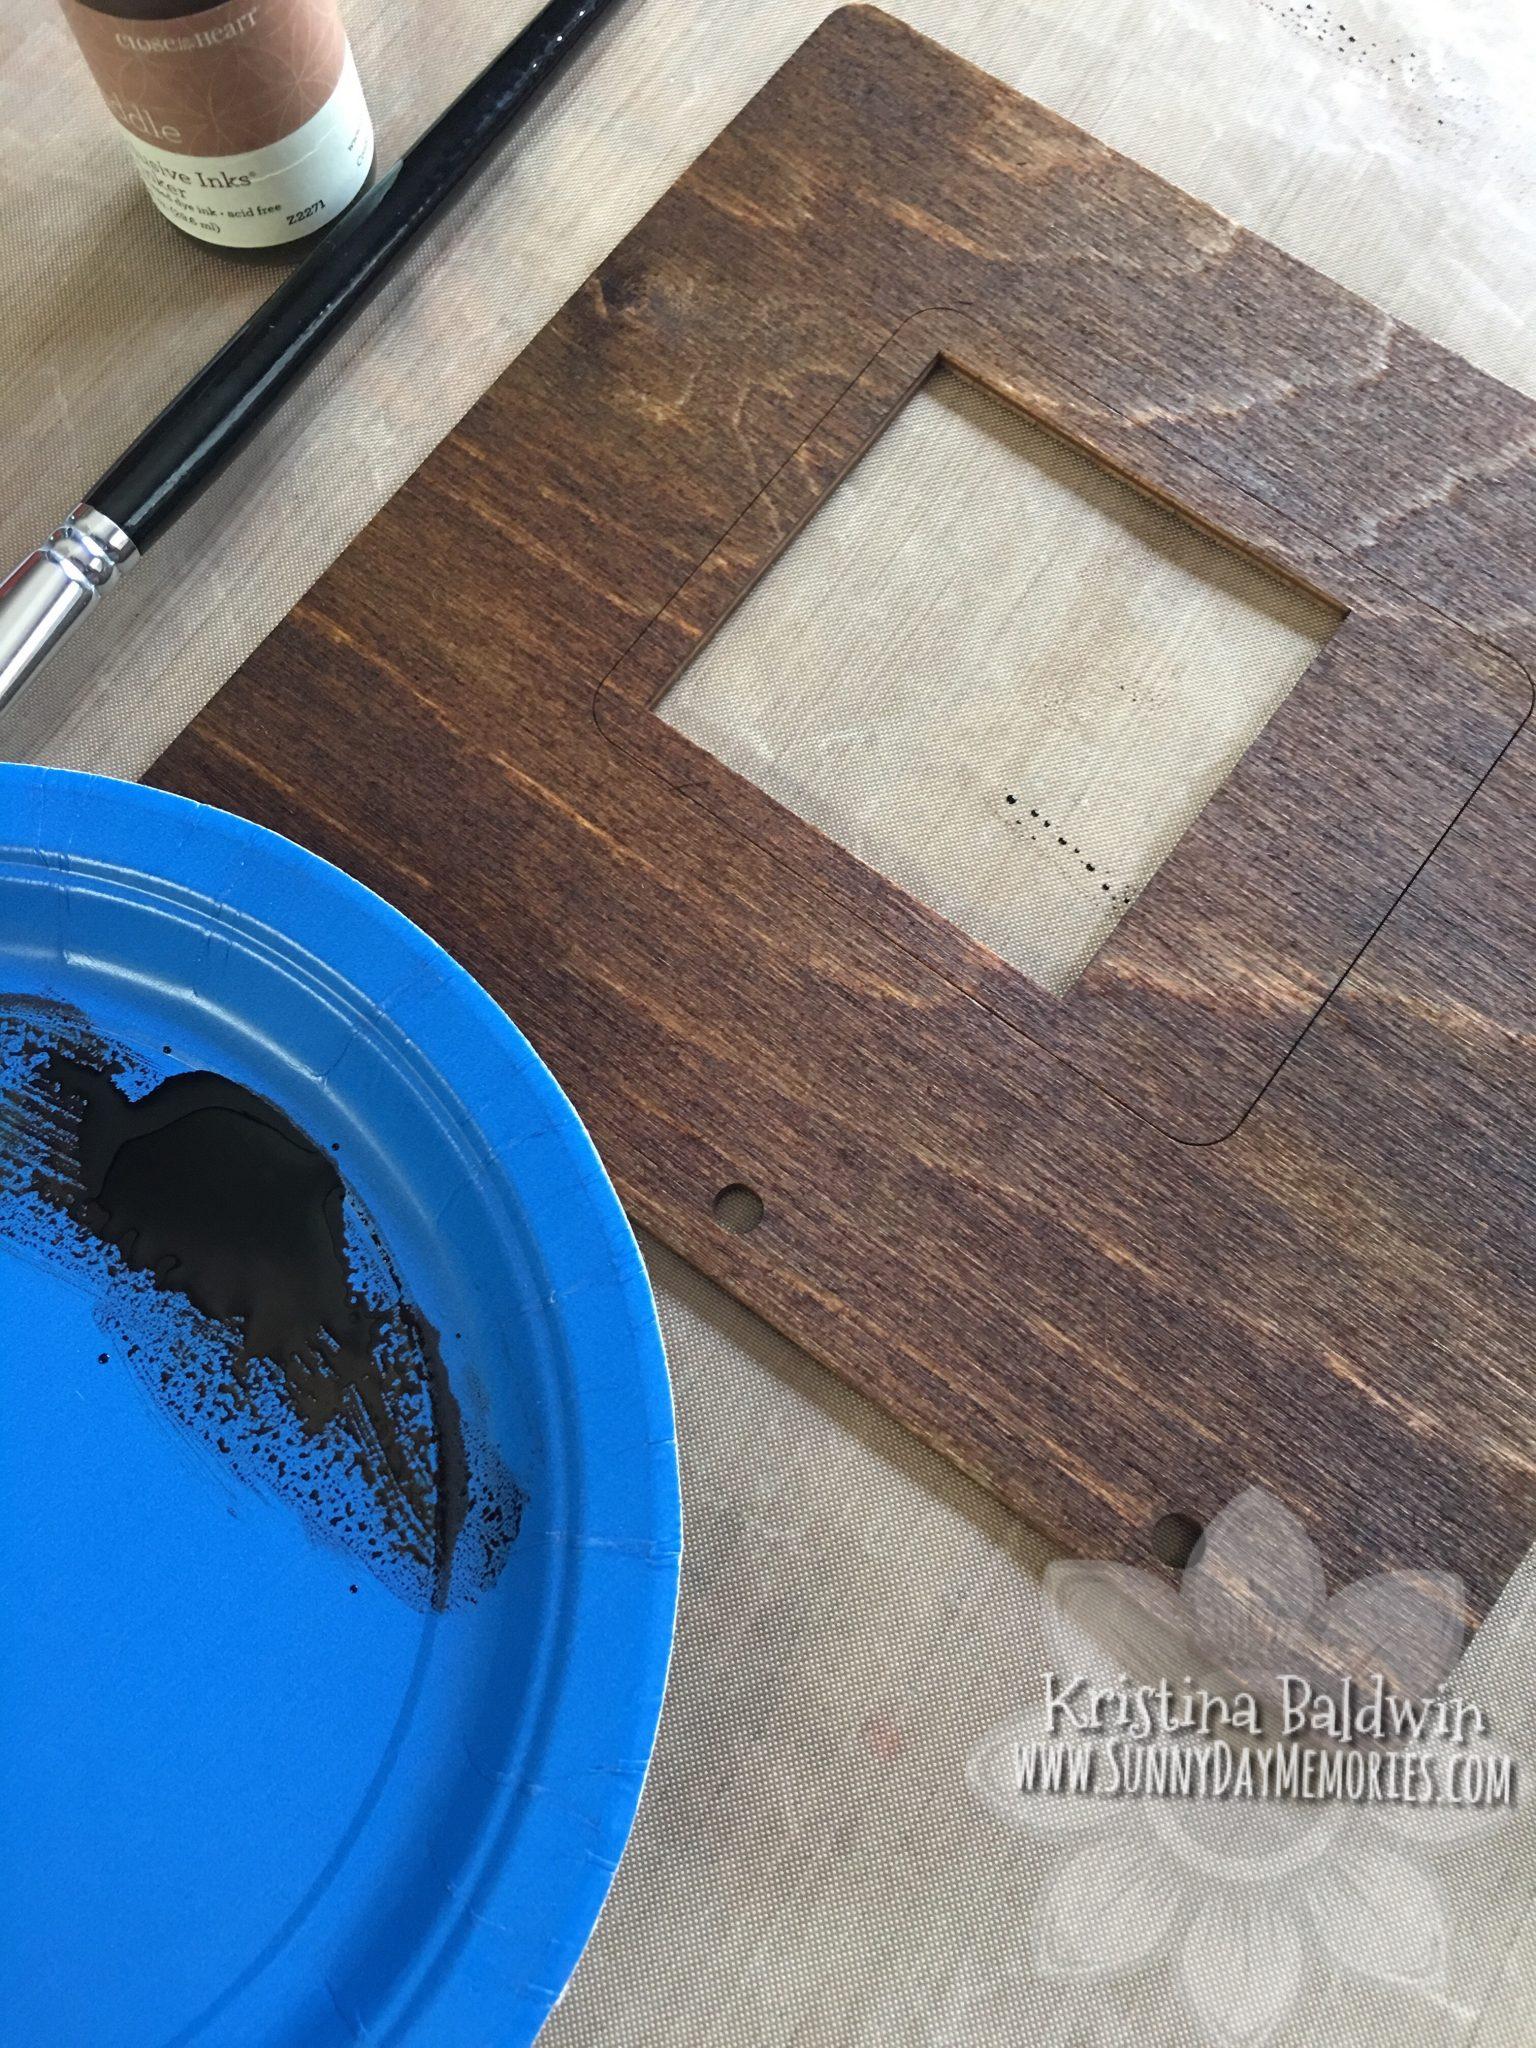 Reinker Wooden Album Process